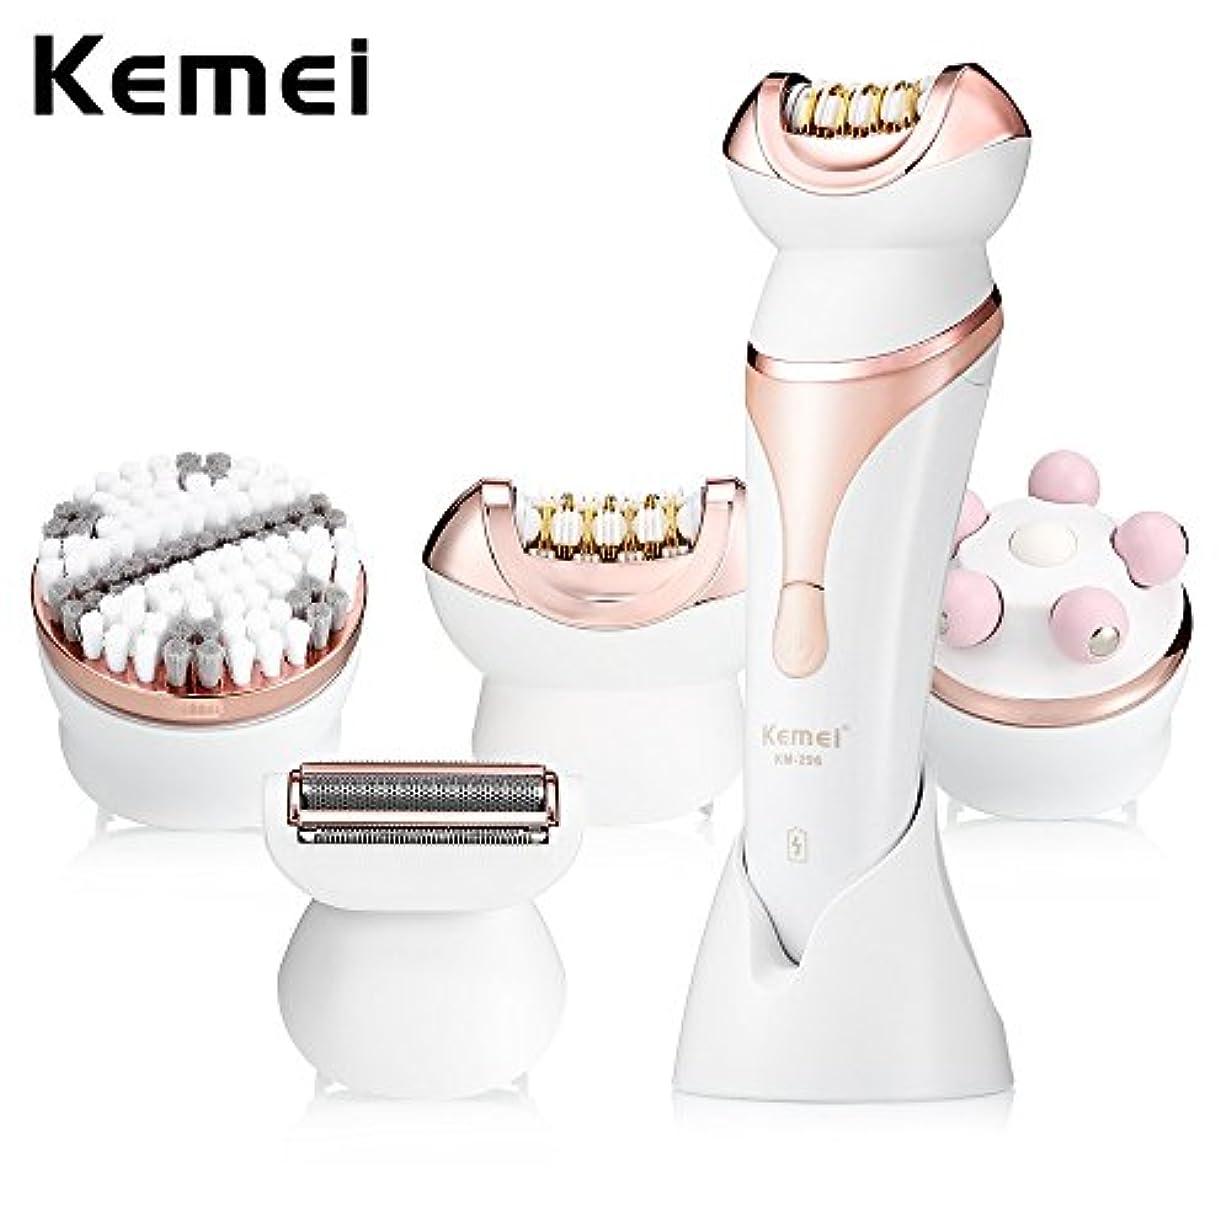 確認する然とした持参Kemei-296 4 in 1多機能プロフェッショナルビューティーキット顔の毛の除去脱毛器マッサージレディカミソリフェイスクリーニングブラシ